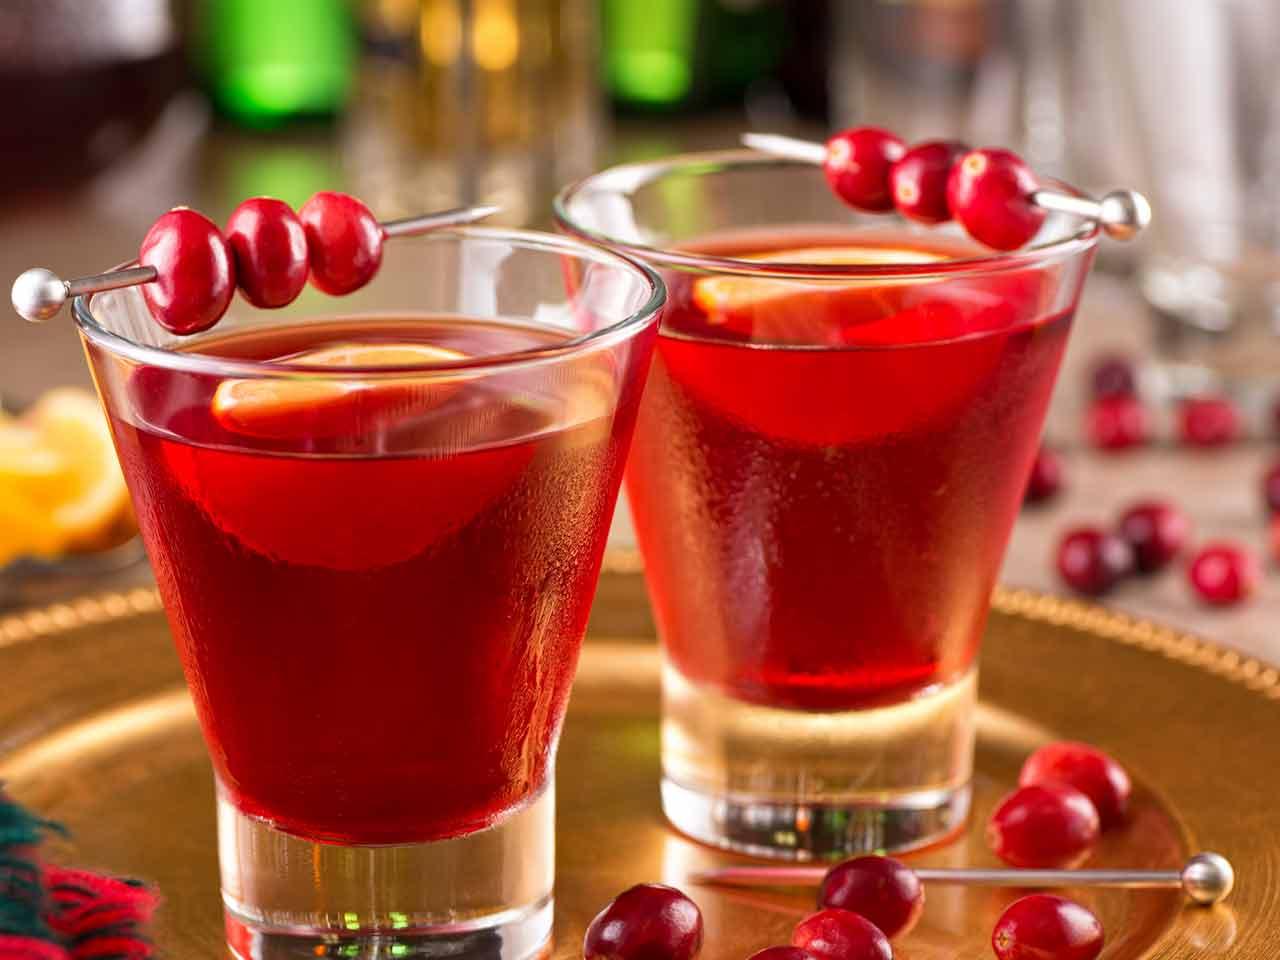 Клюква — полезные свойства и калорийность, применение и приготовление, в чем польза и вред продукта клюква — ягоды — Леди